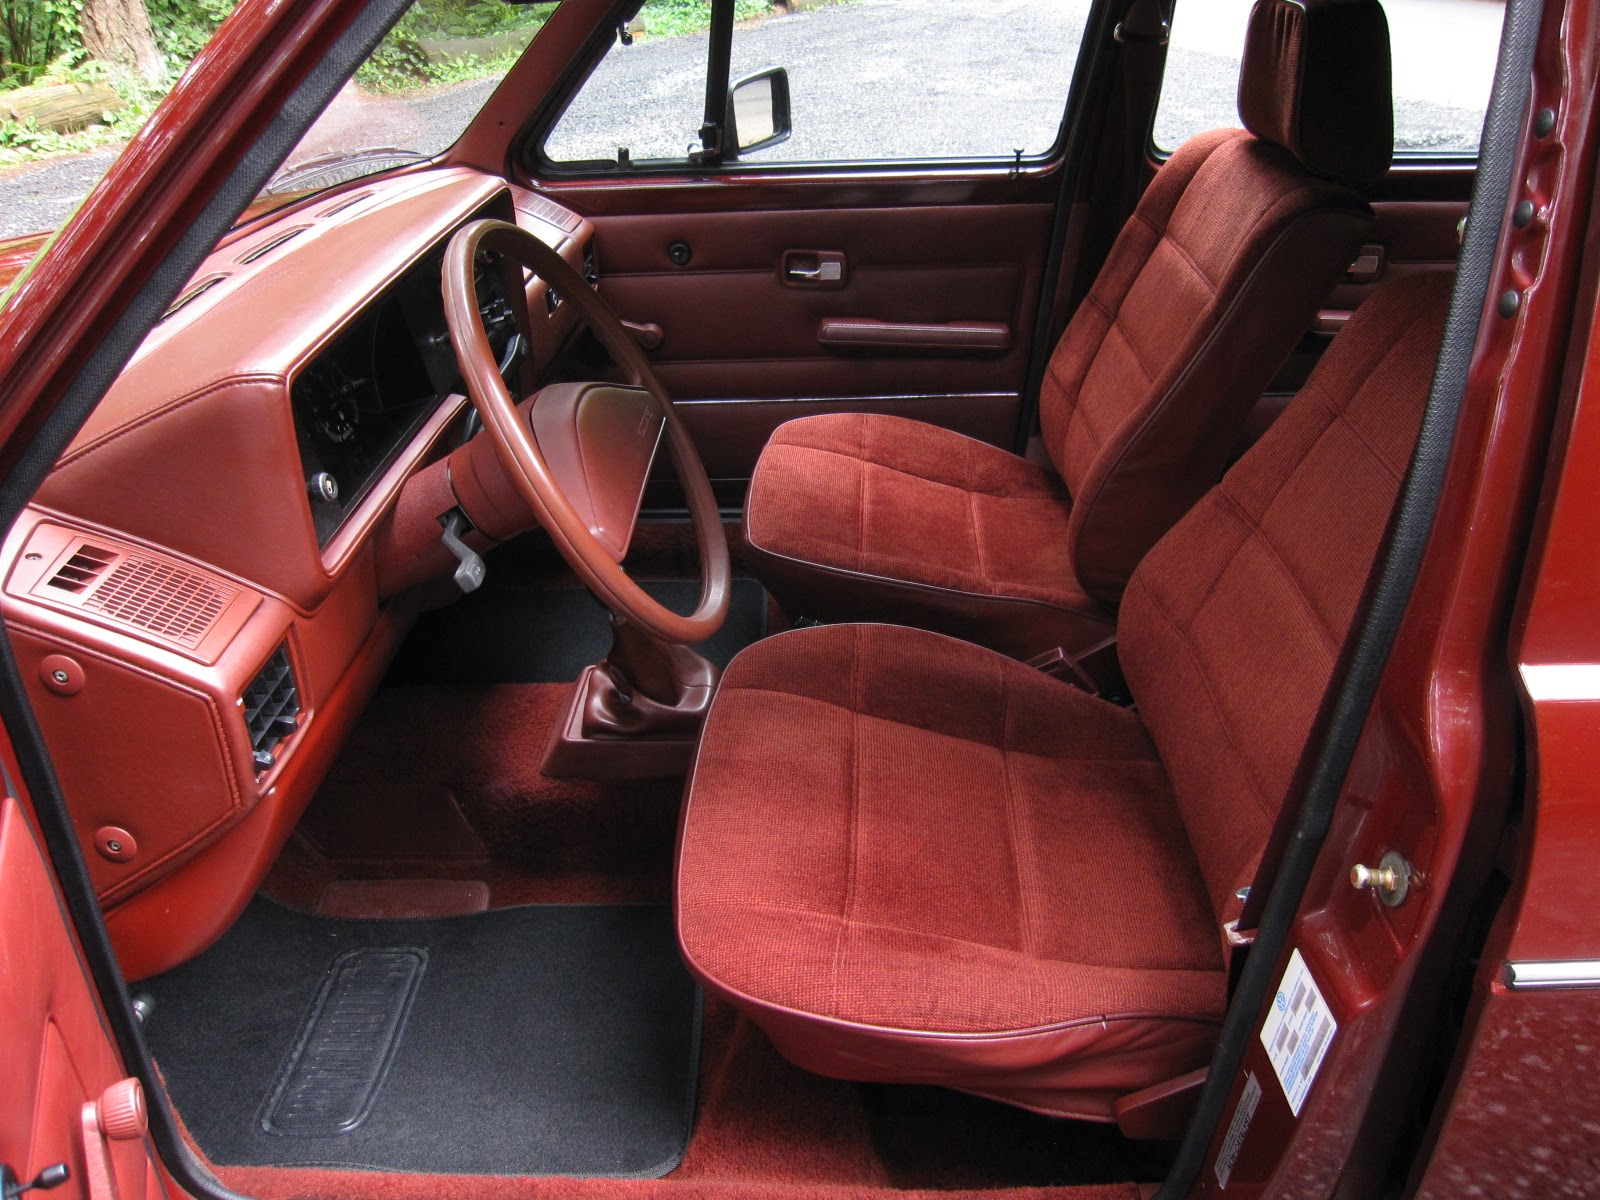 1983 Volkswagen Rabbit Diesel - Buy Classic Volks